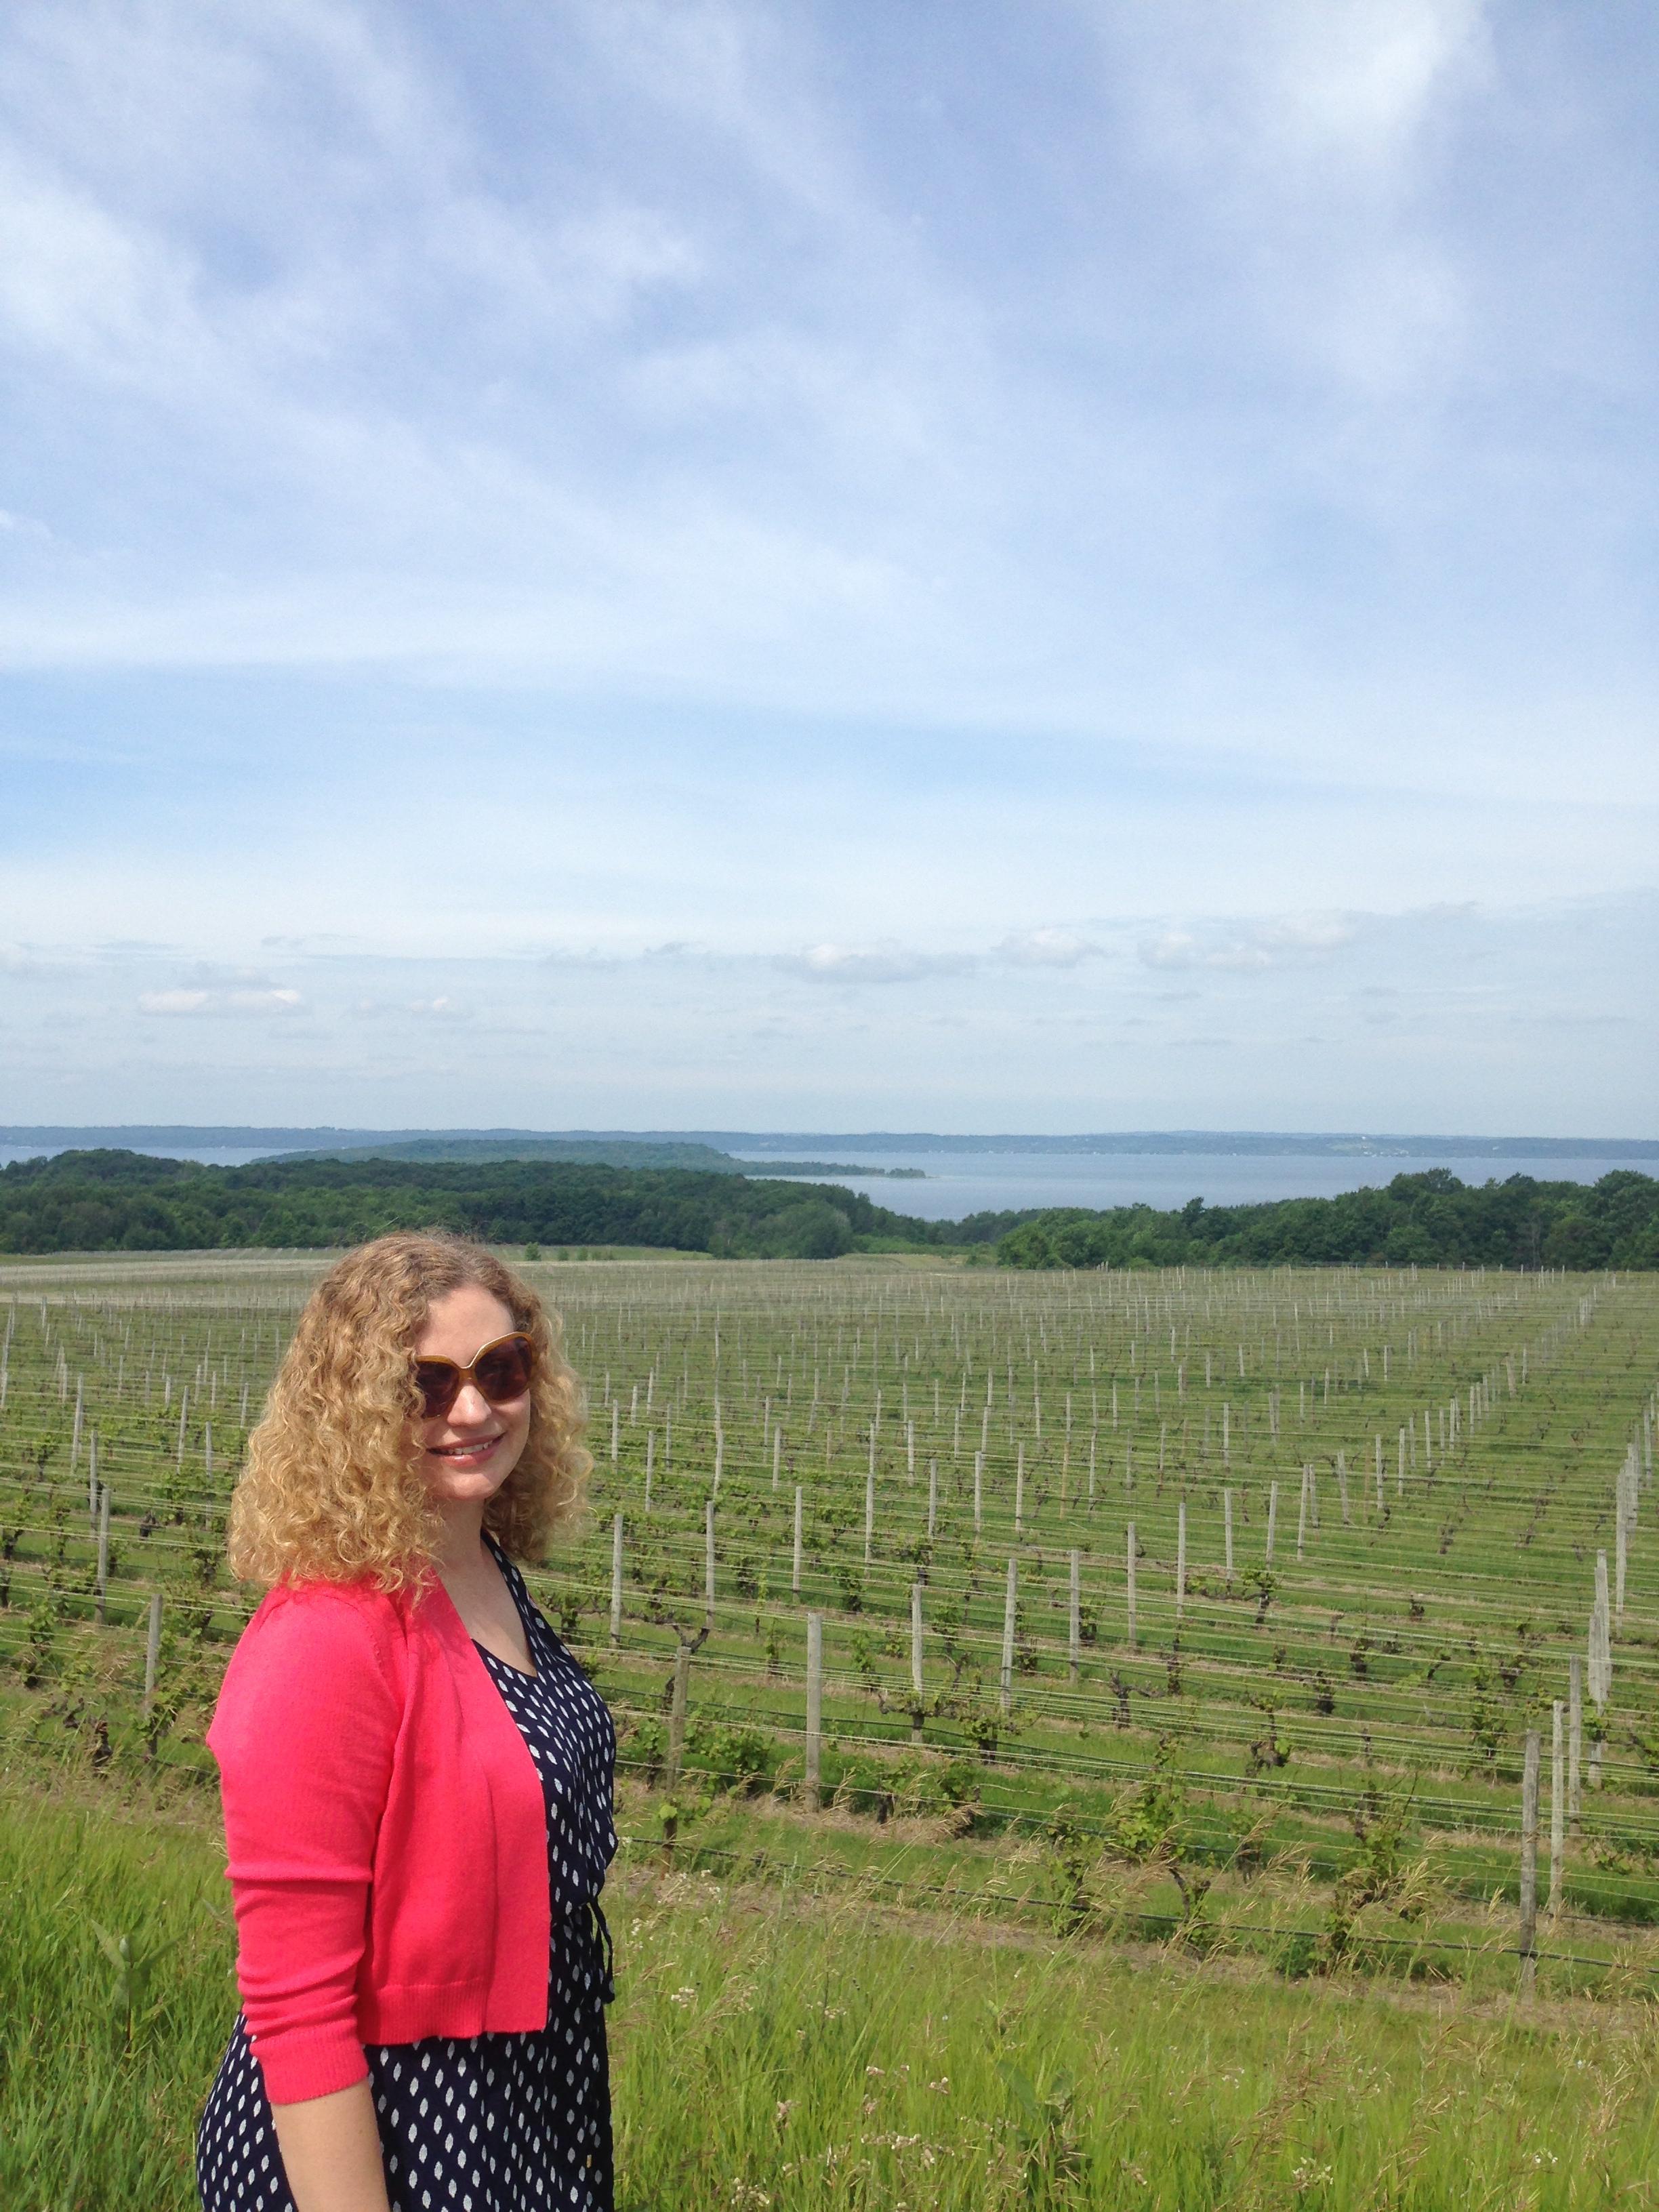 One happy wine traveler!